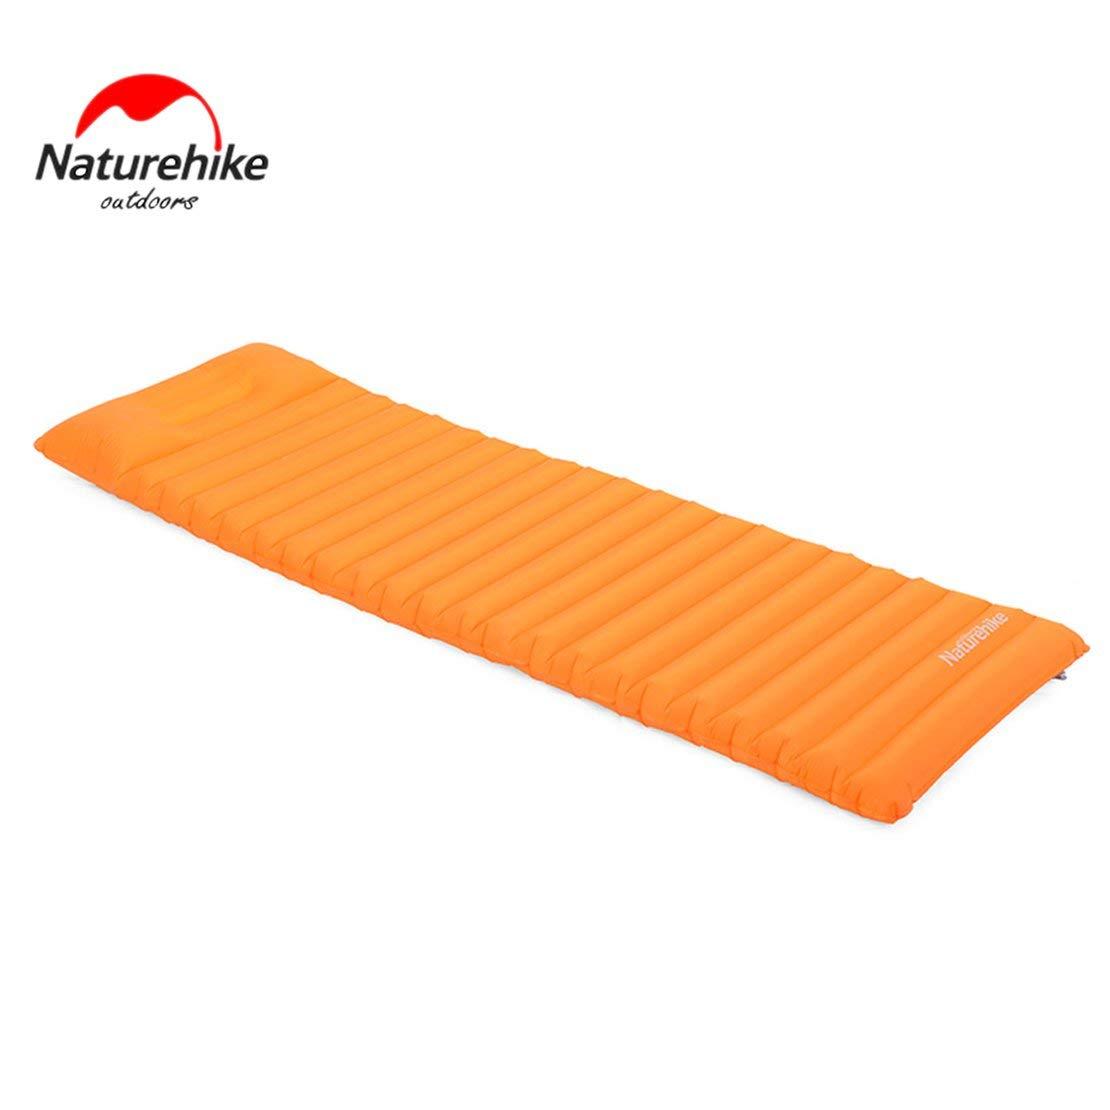 Sanzhileg Naturehike Ultraleichtes Außenluftmatratze feuchtigkeitsfestes aufblasbares Matten-Kissen mit Camping-Zelt-kampierender Schlafenauflage TPU - Orange